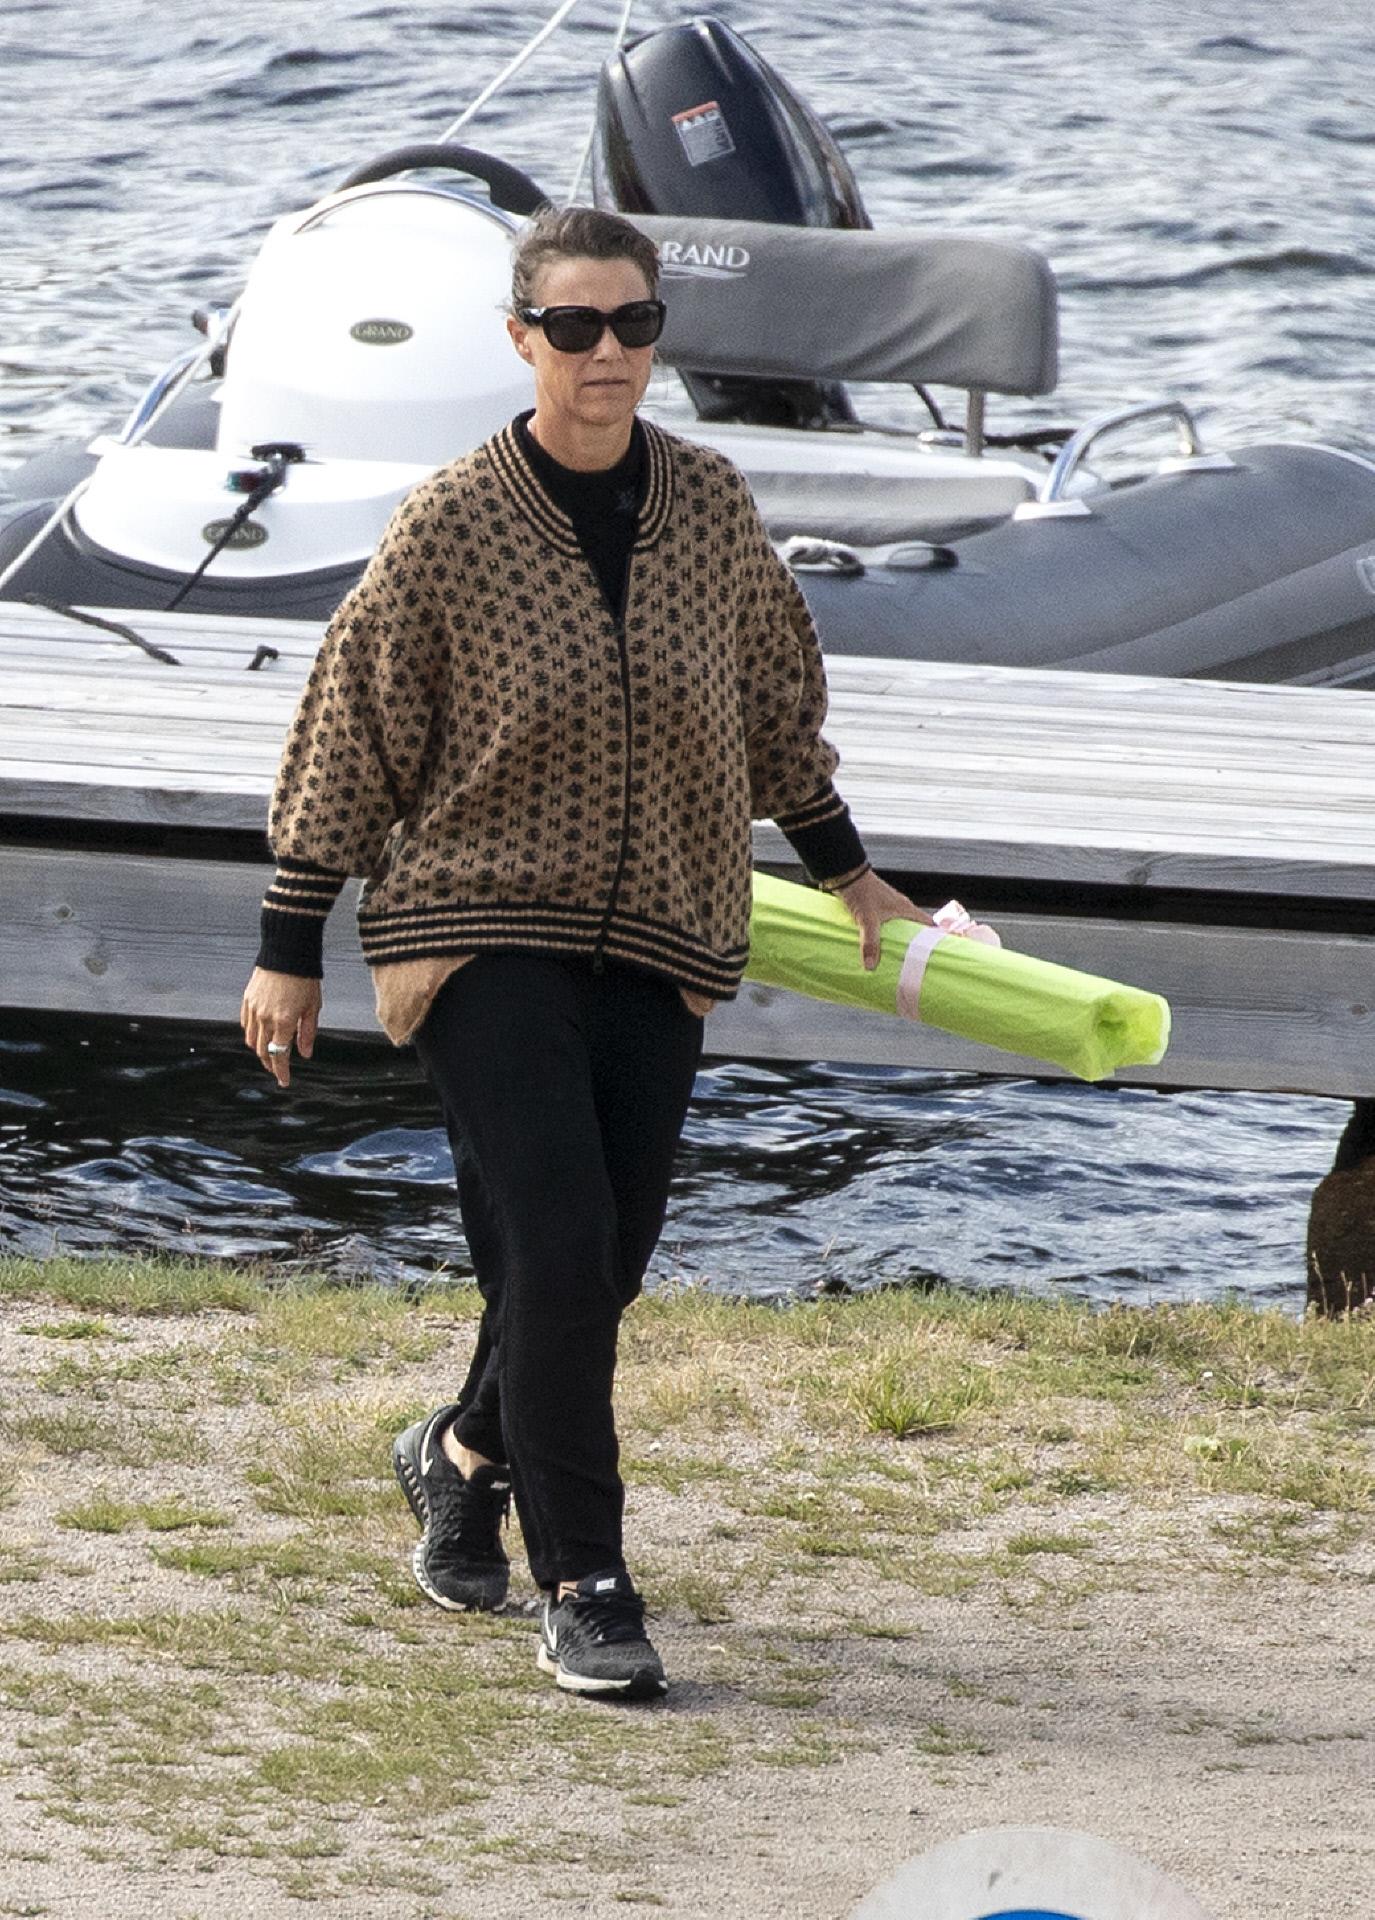 La princesa Marta Luisa de Noruega, en una imagen del pasado verano.